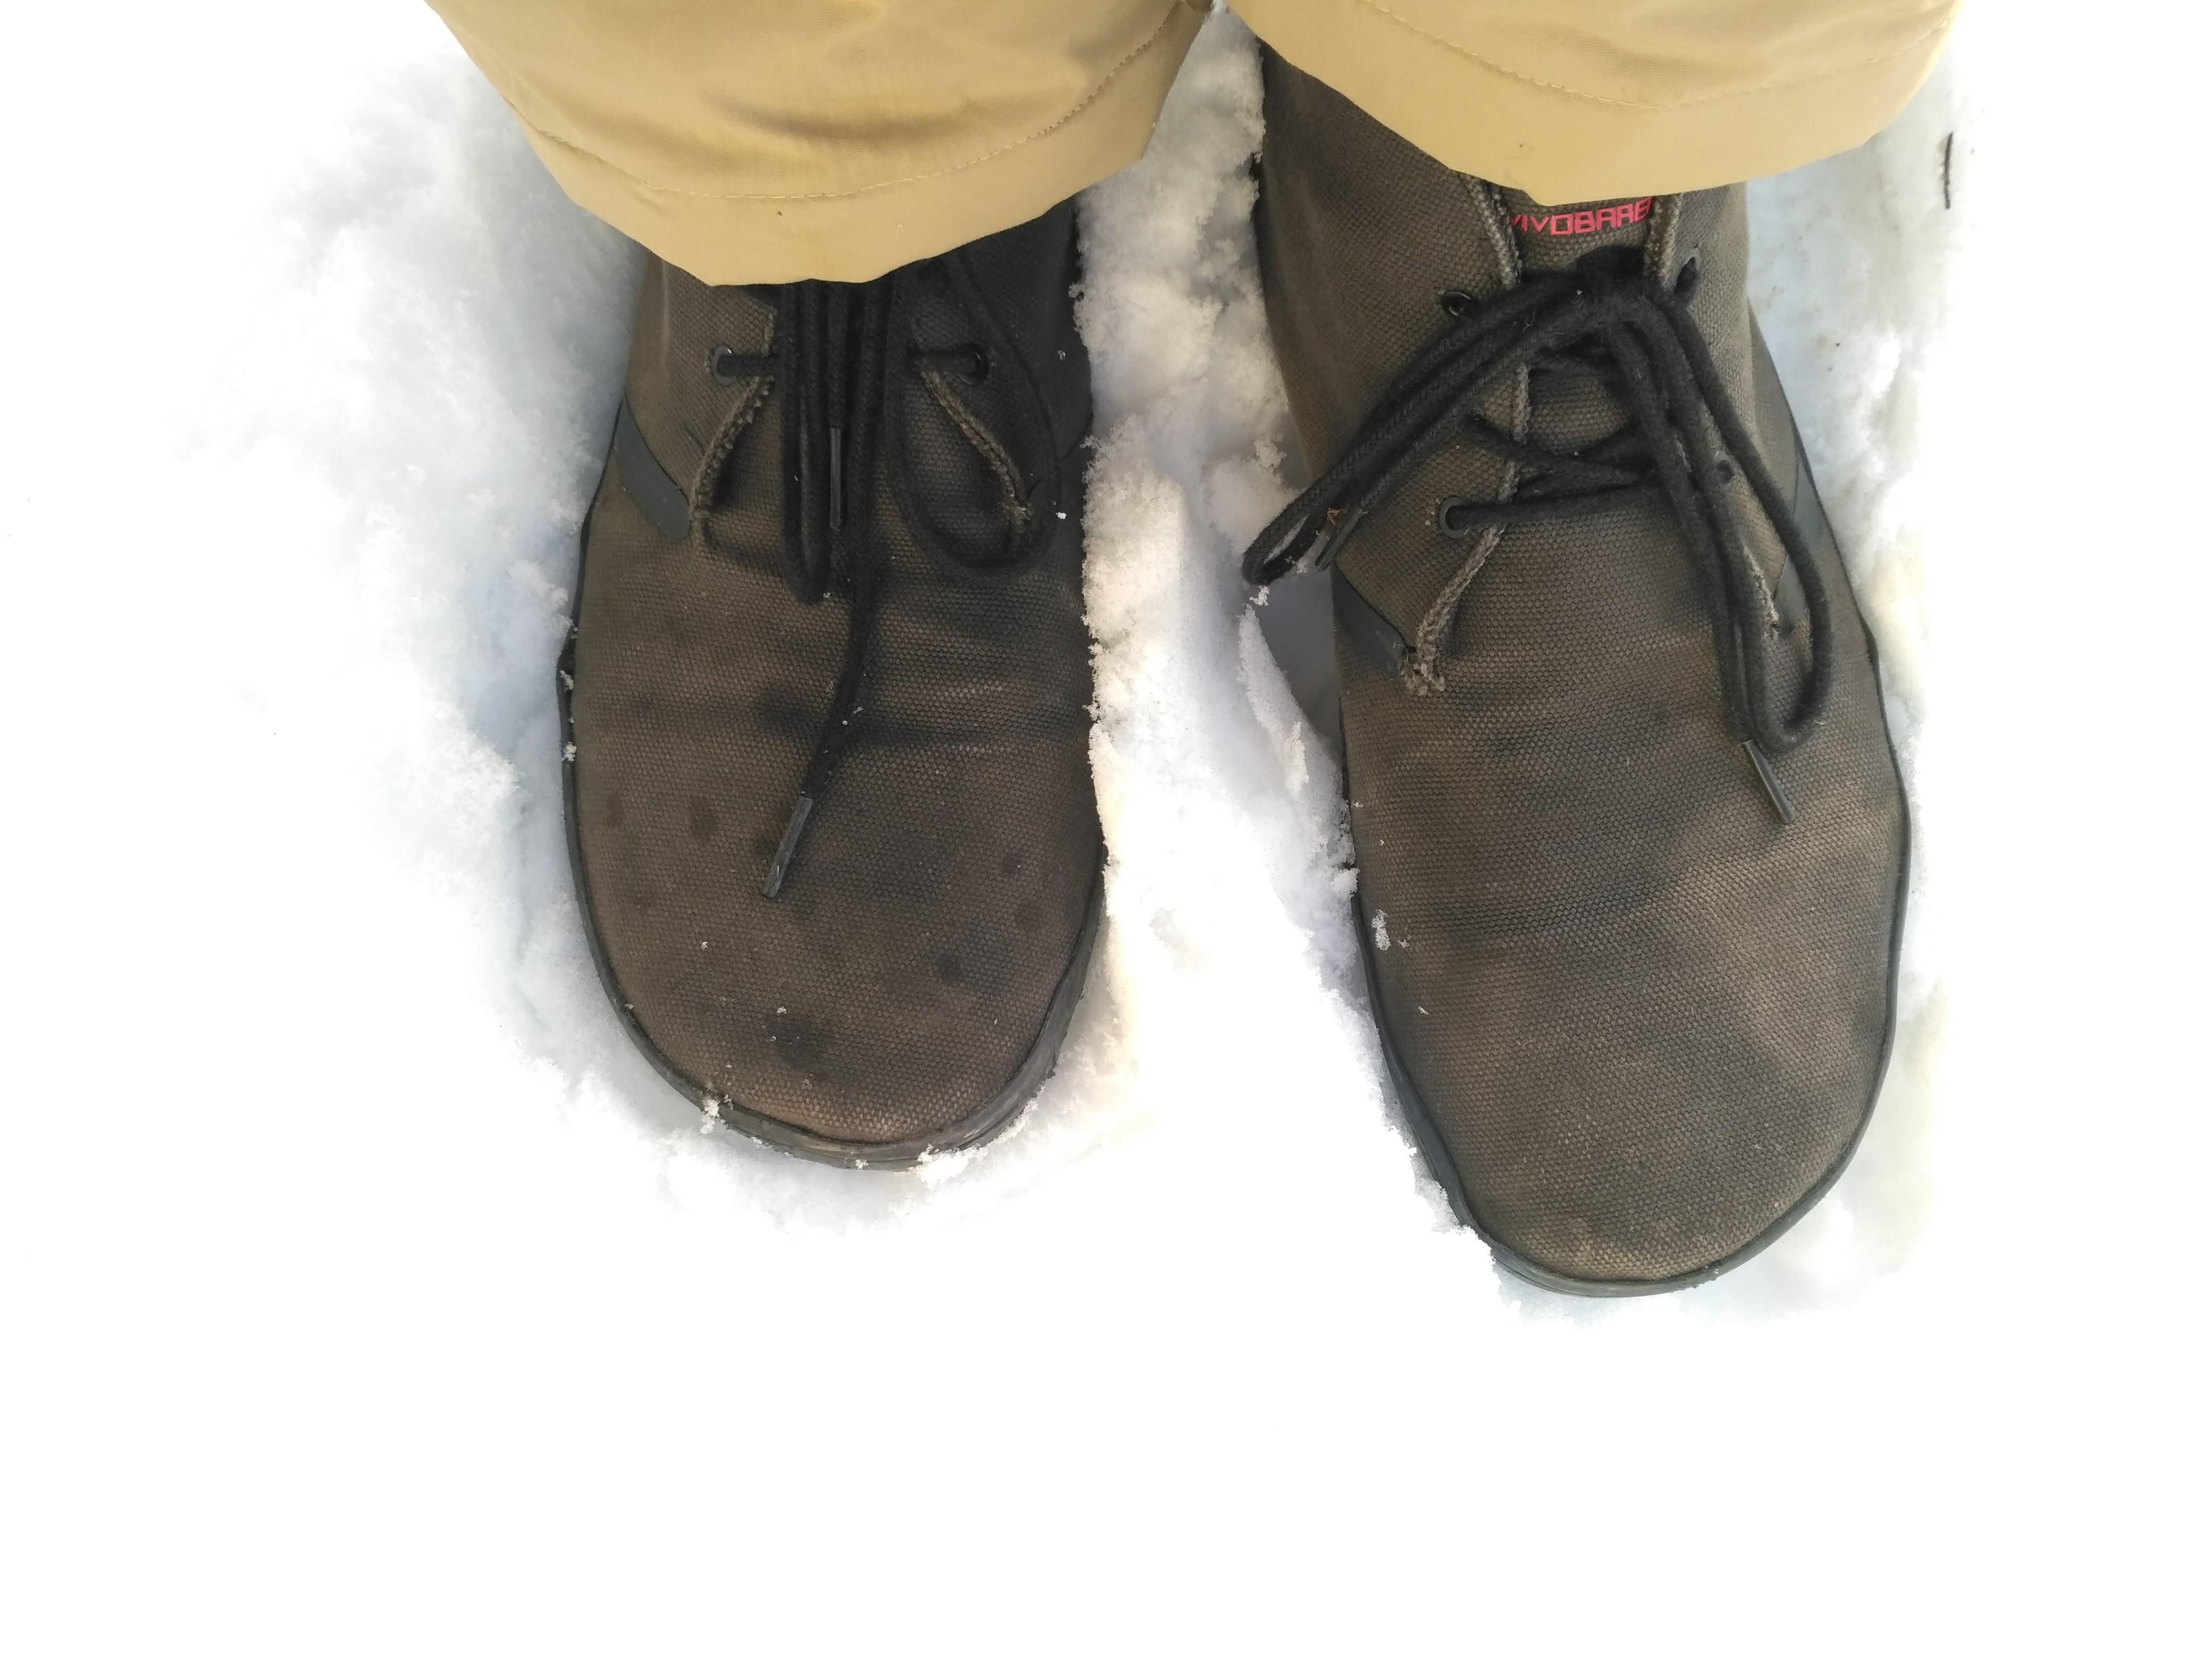 Vivobarefoot Men's Gobi II in the snow